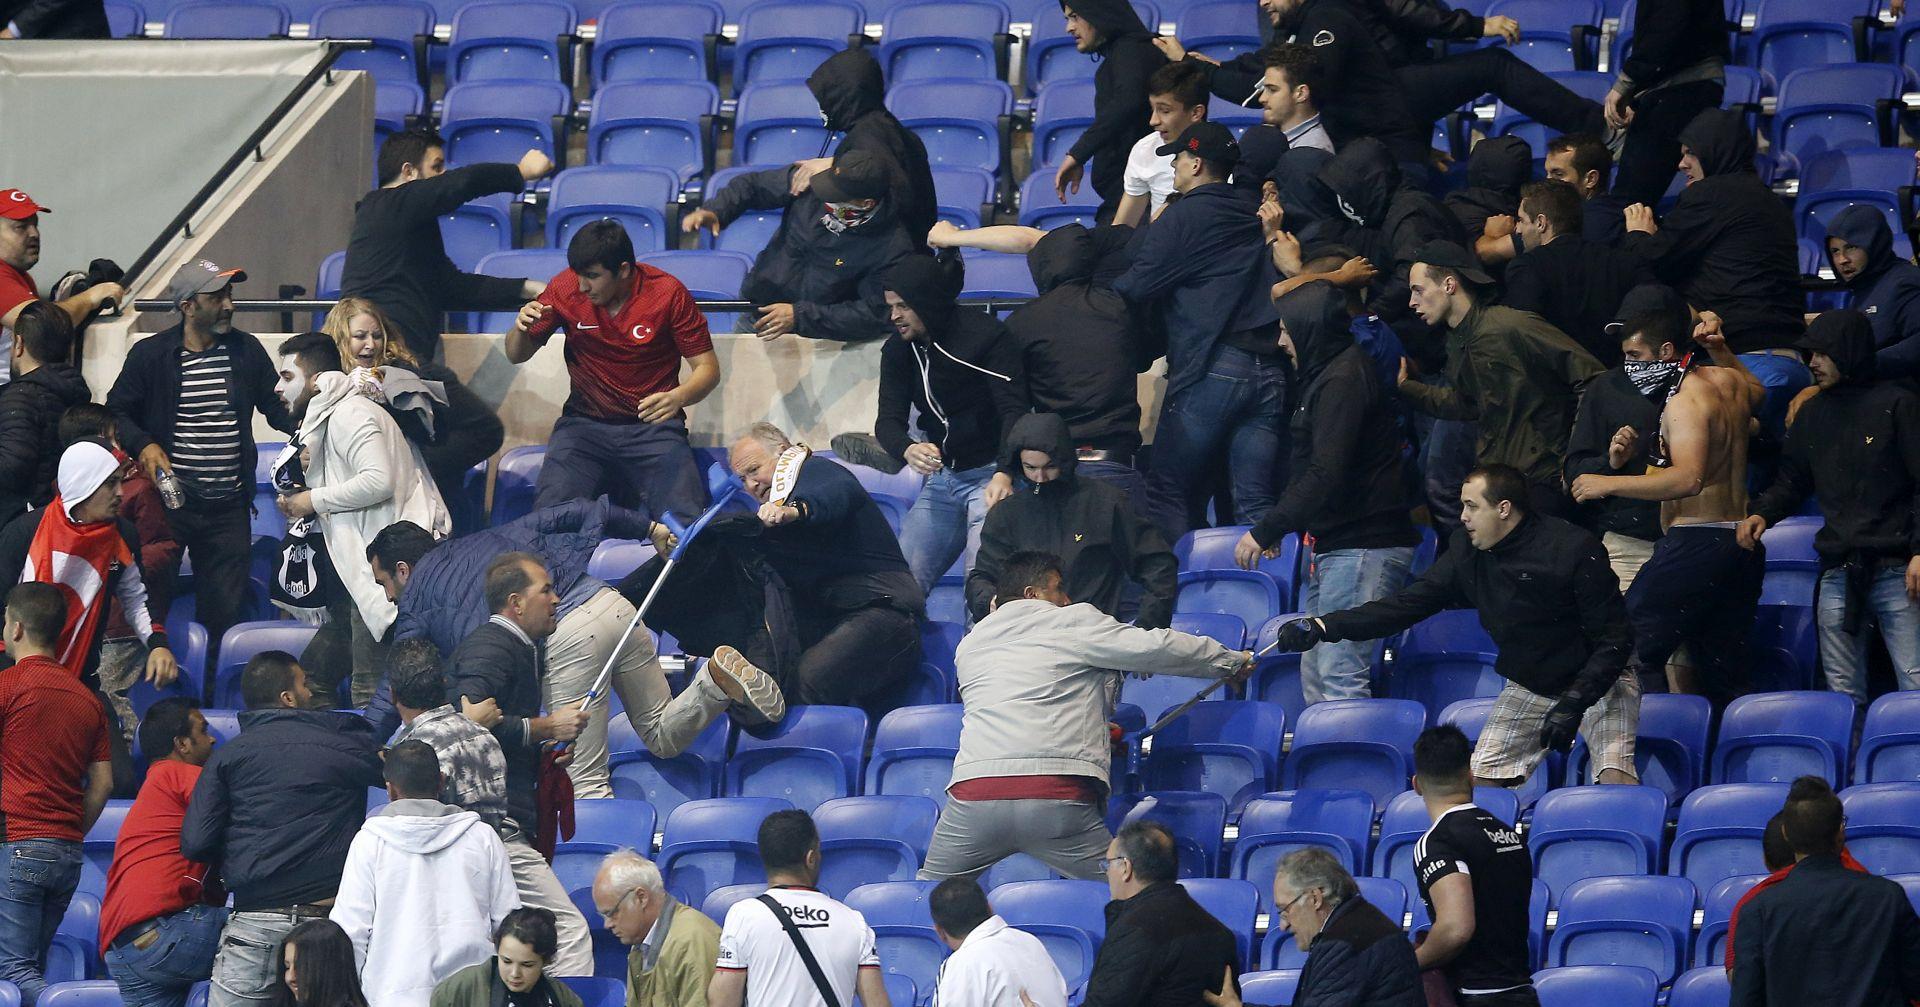 DIVLJANJE NAVIJAČA Kažnjeni Bešiktaš i Konyaspor